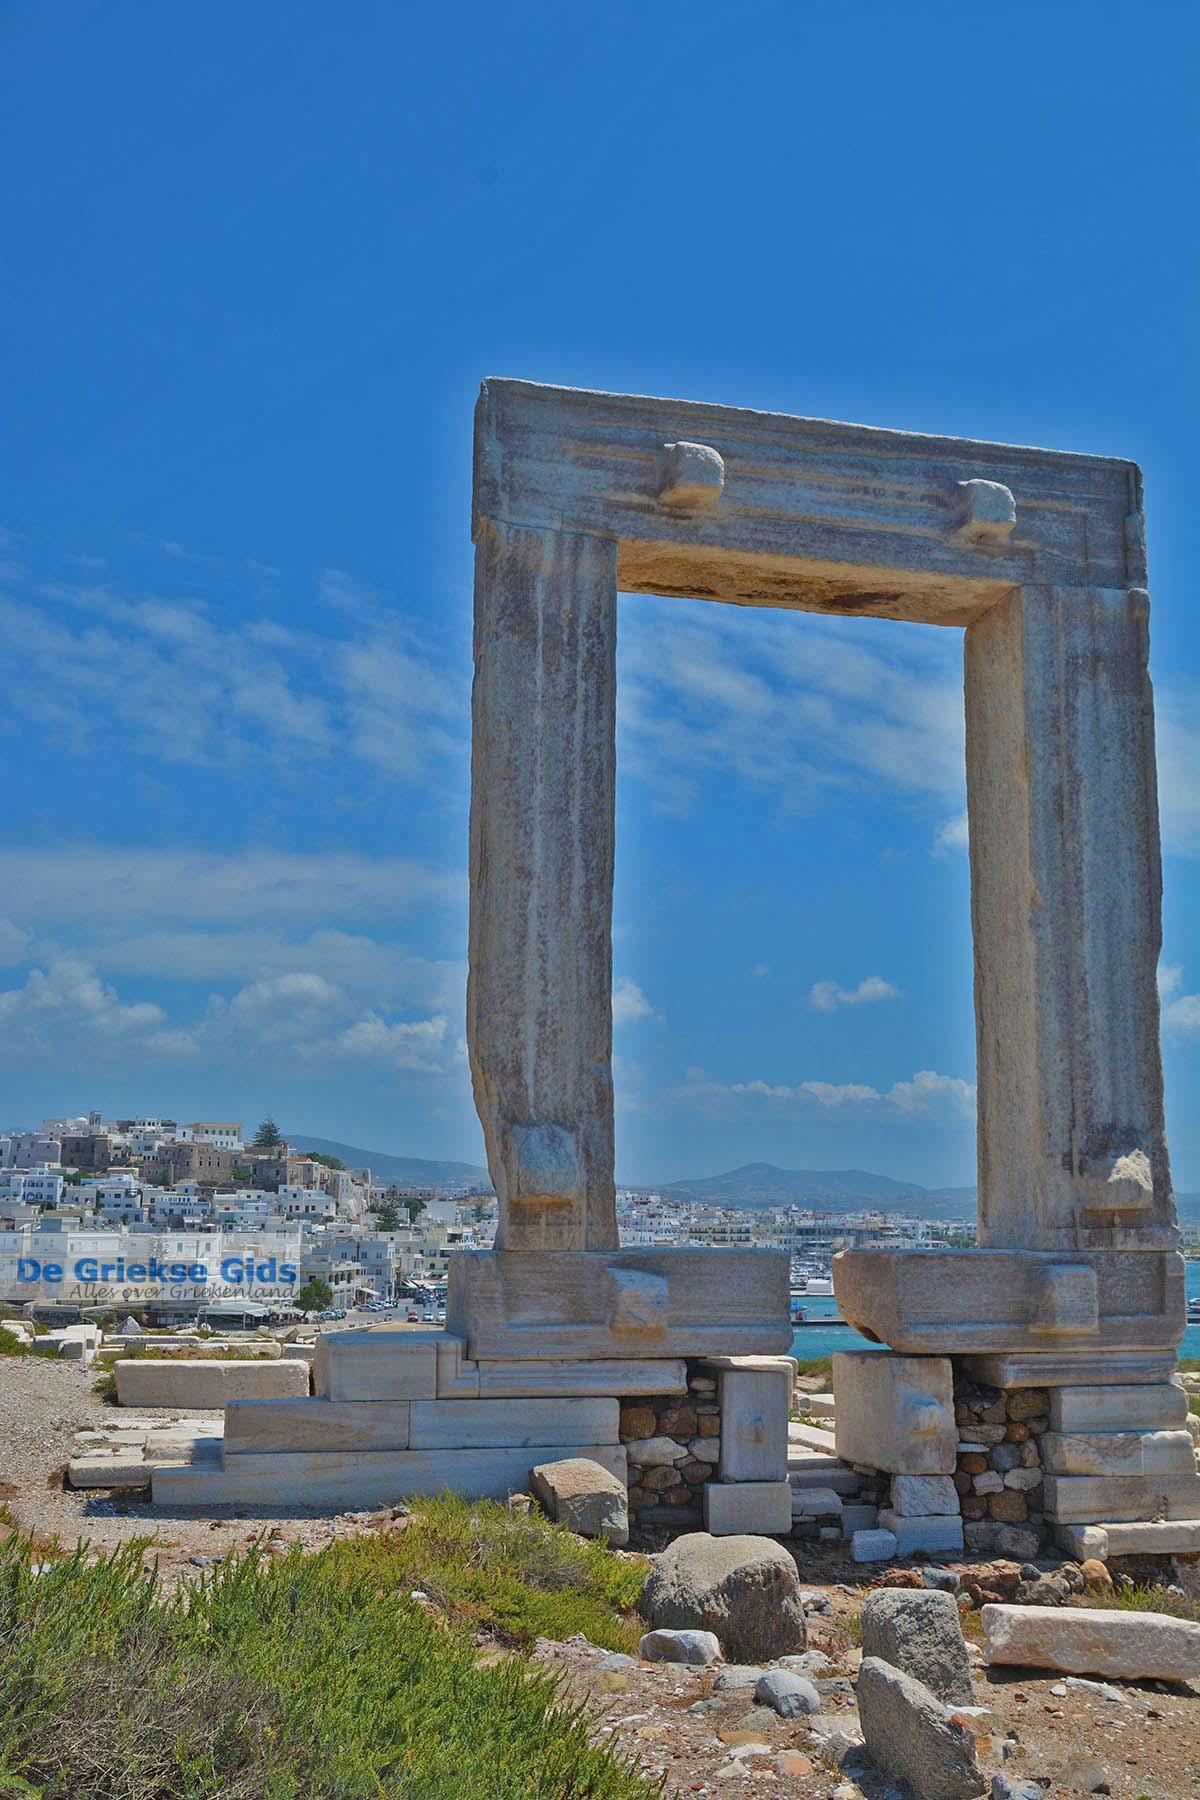 foto Naxos stad - Cycladen Griekenland - nr 336